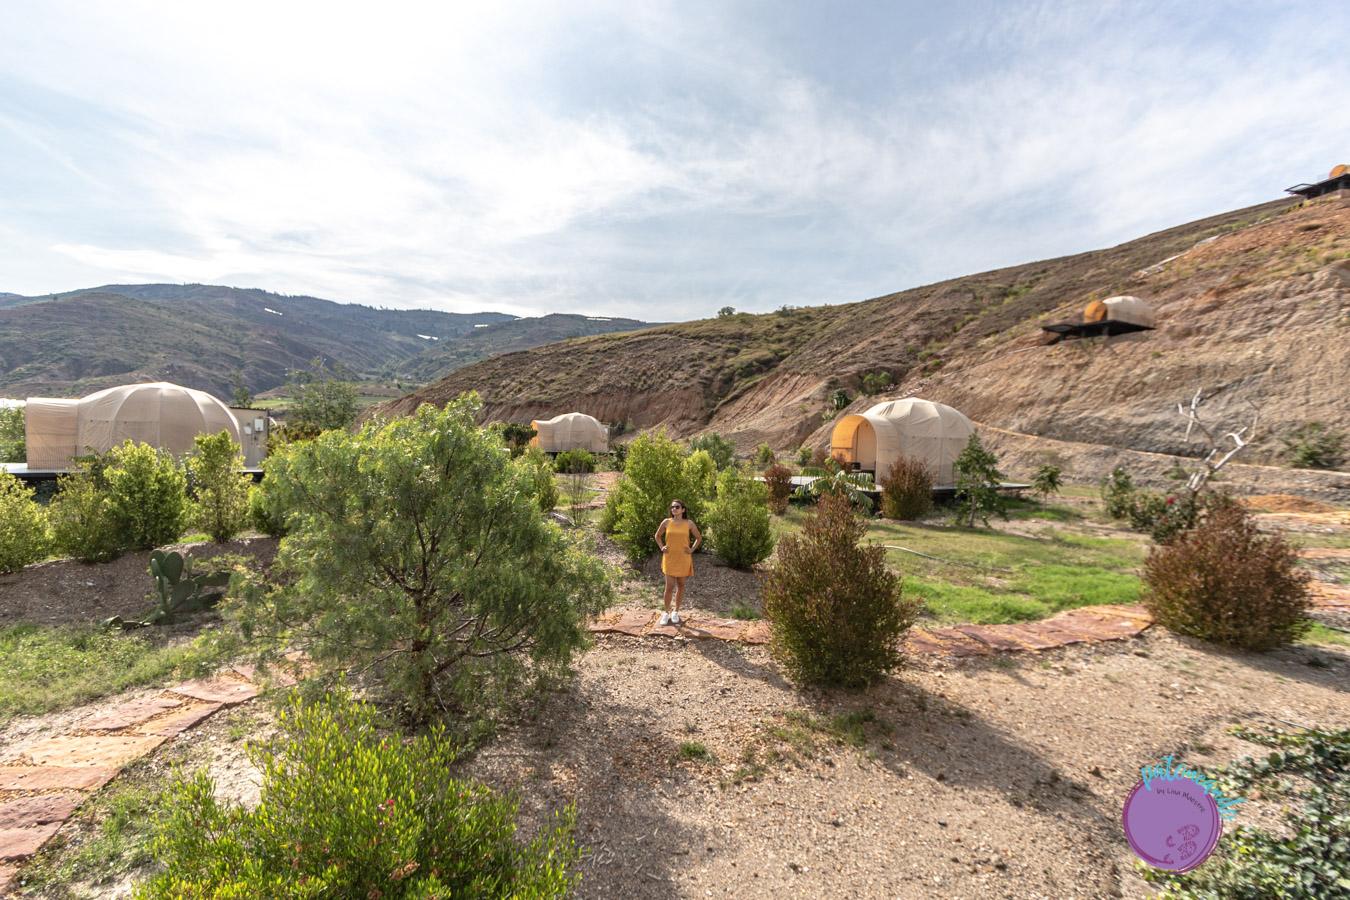 10 cosas que ver en Sáchica, Boyacá - Lina Maestre Patoneando Blog de viajes0L9A2853